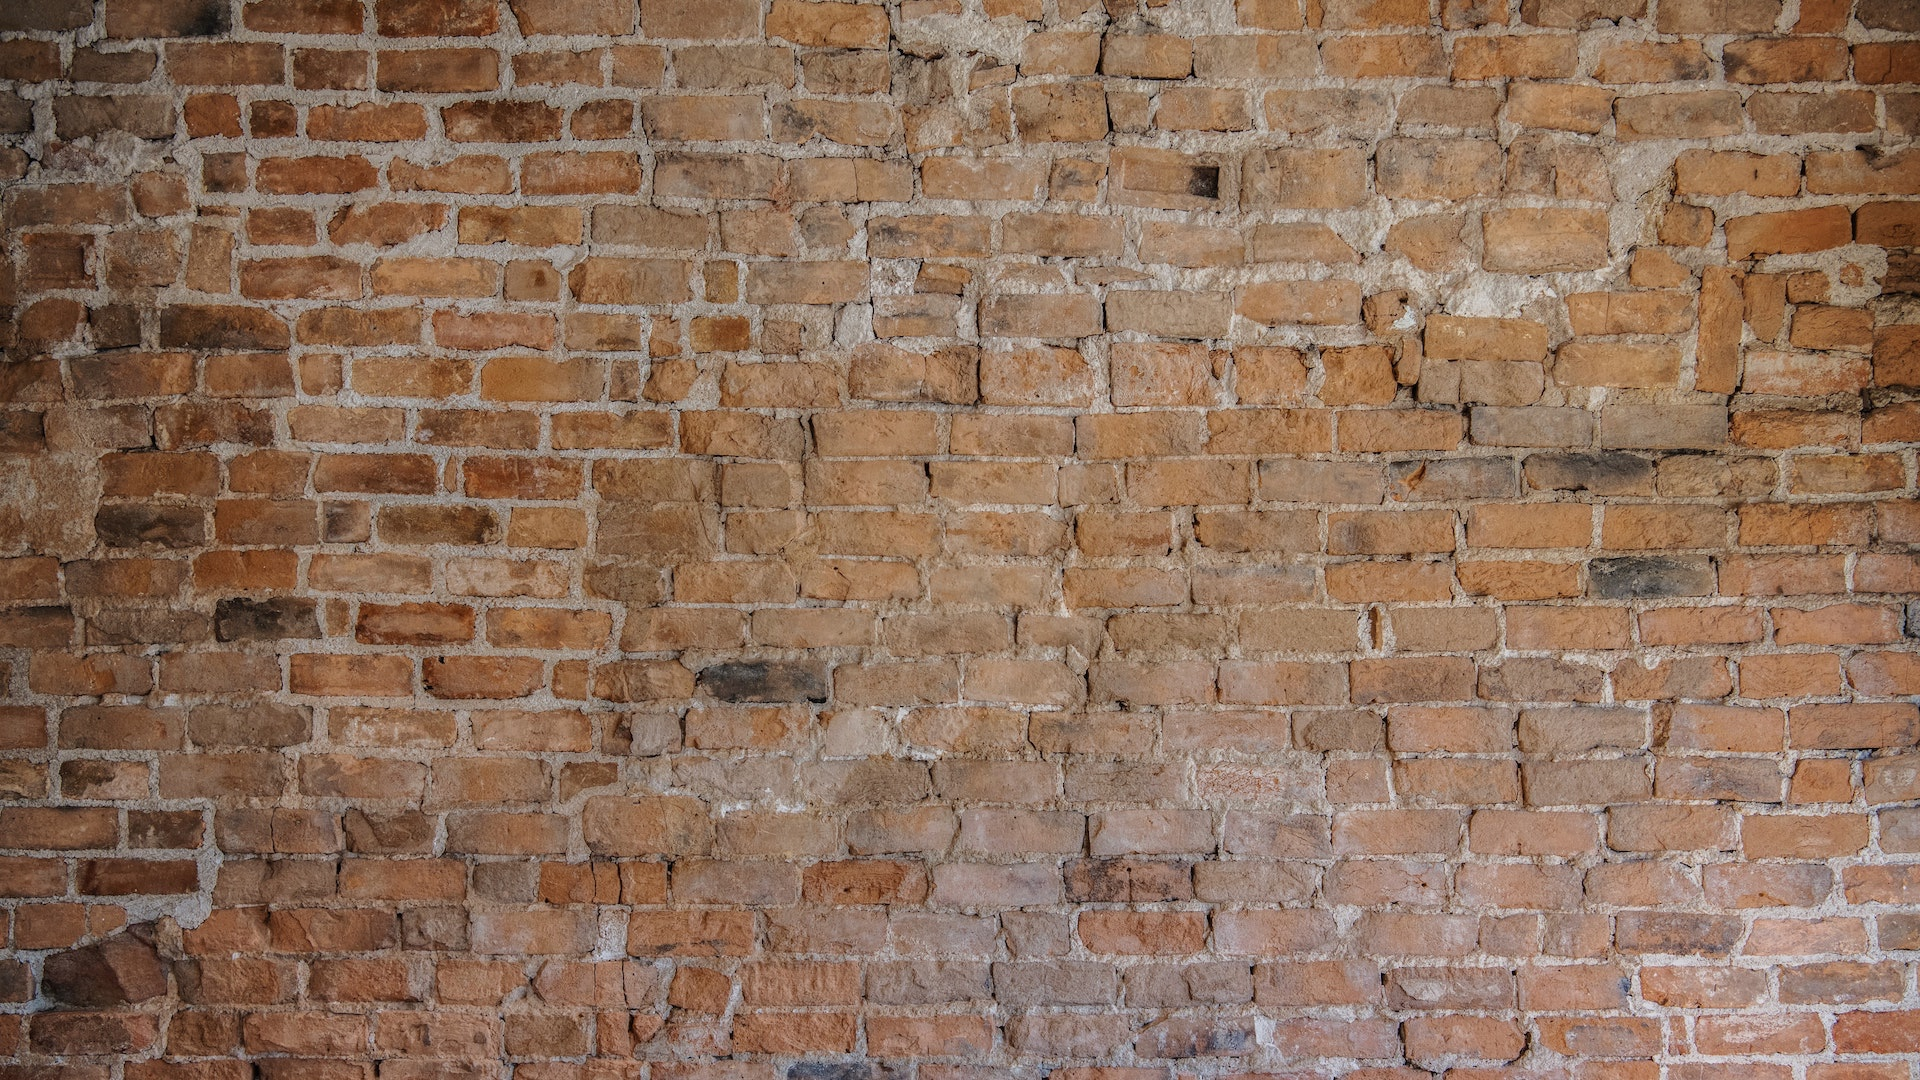 不揃いなレンガの壁の無料バーチャル背景素材